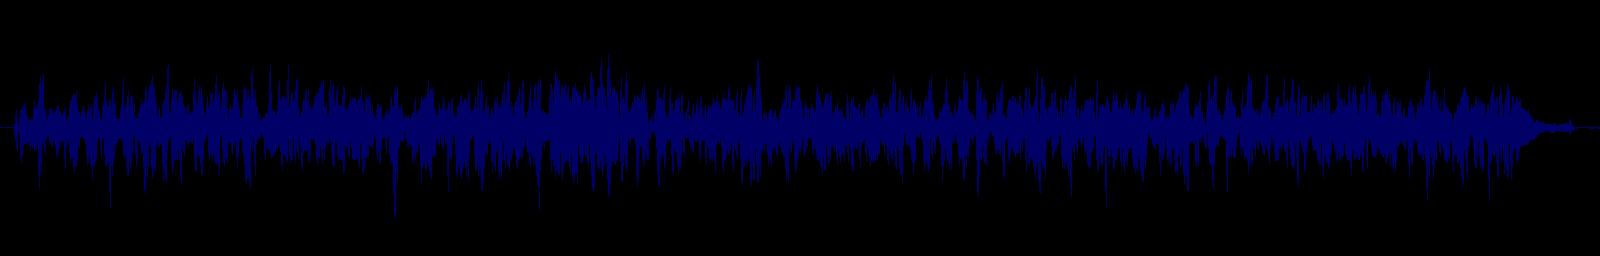 waveform of track #146106